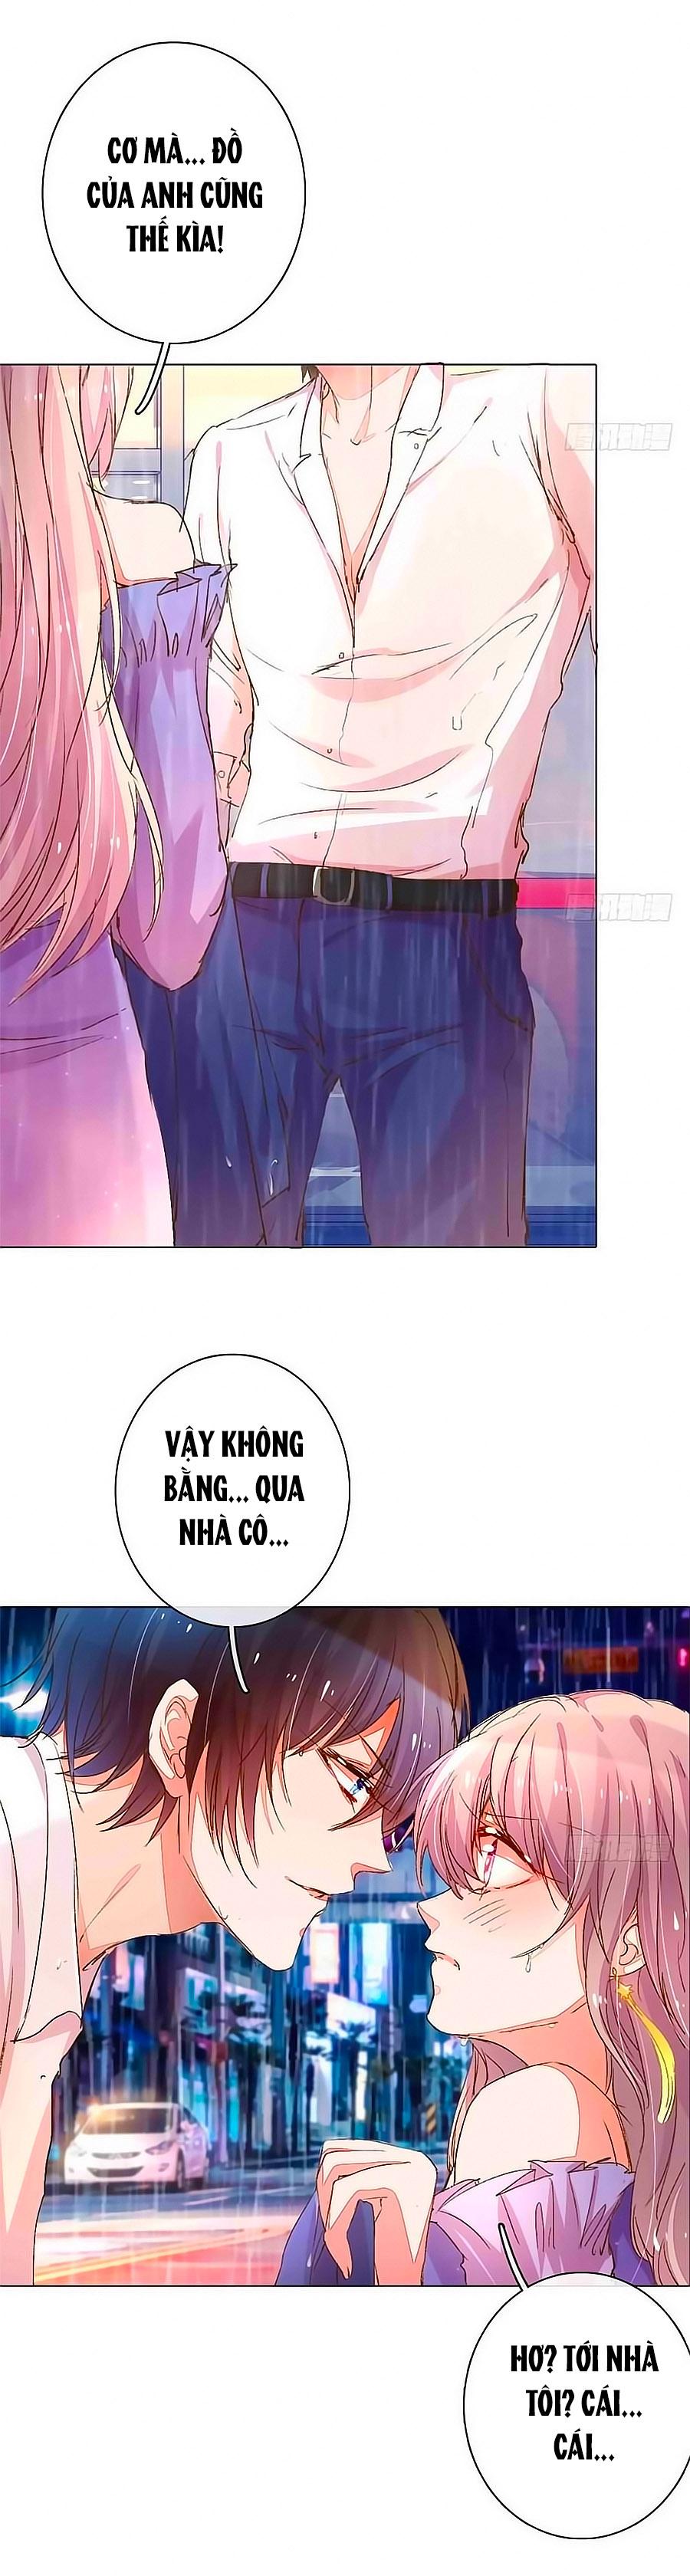 Hào Môn Tiểu Lãn Thê chap 71 - Trang 7